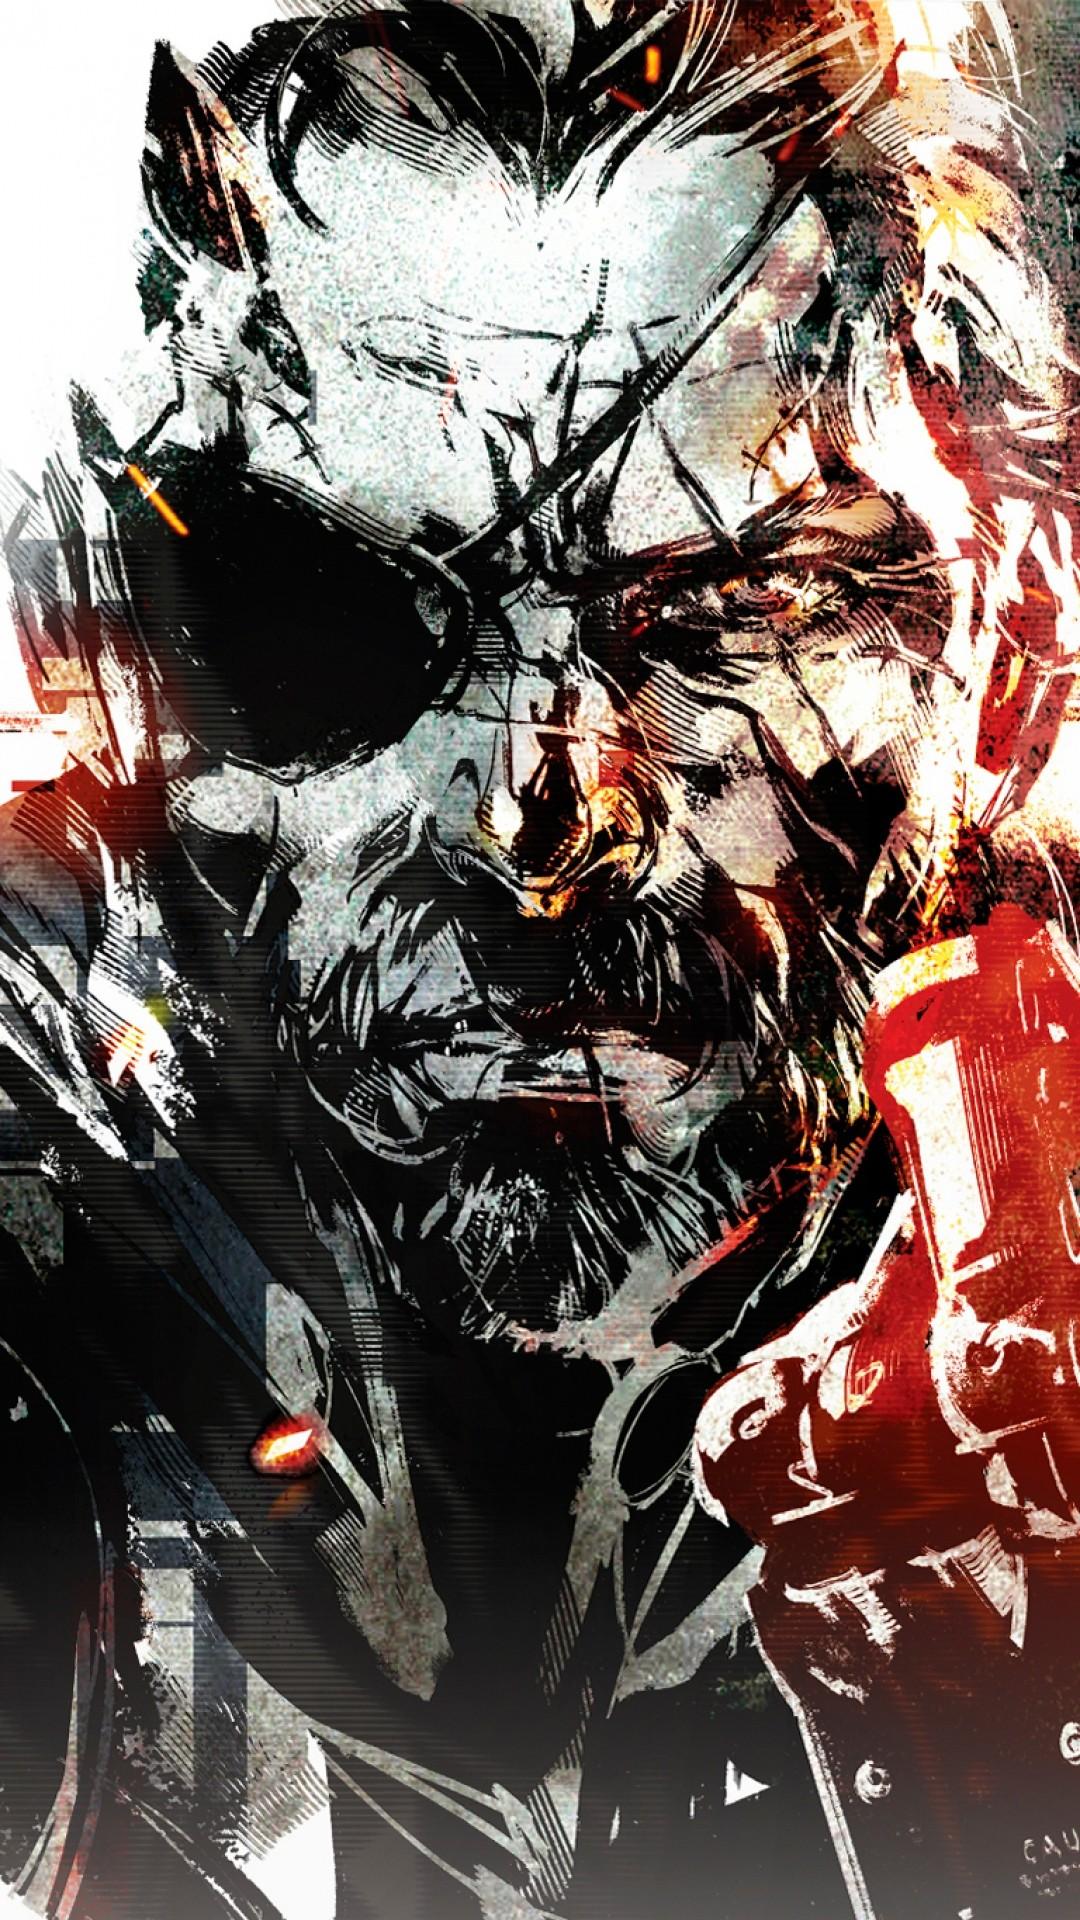 Wallpaper metal gear solid v, the phantom pain, art